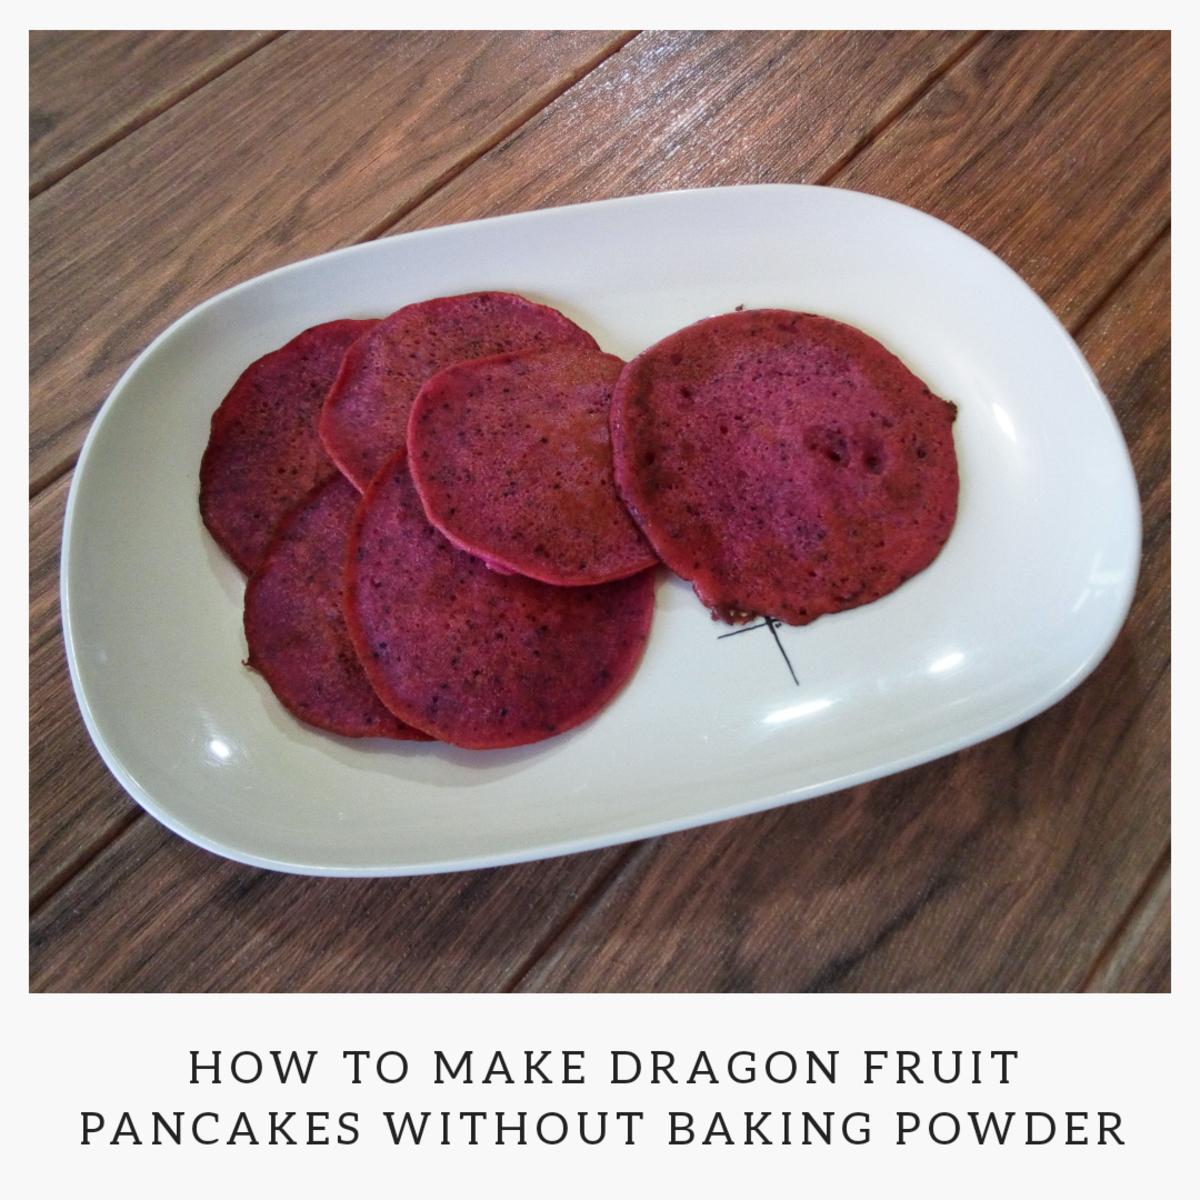 How to Make Dragon Fruit Pancakes Without Baking Powder